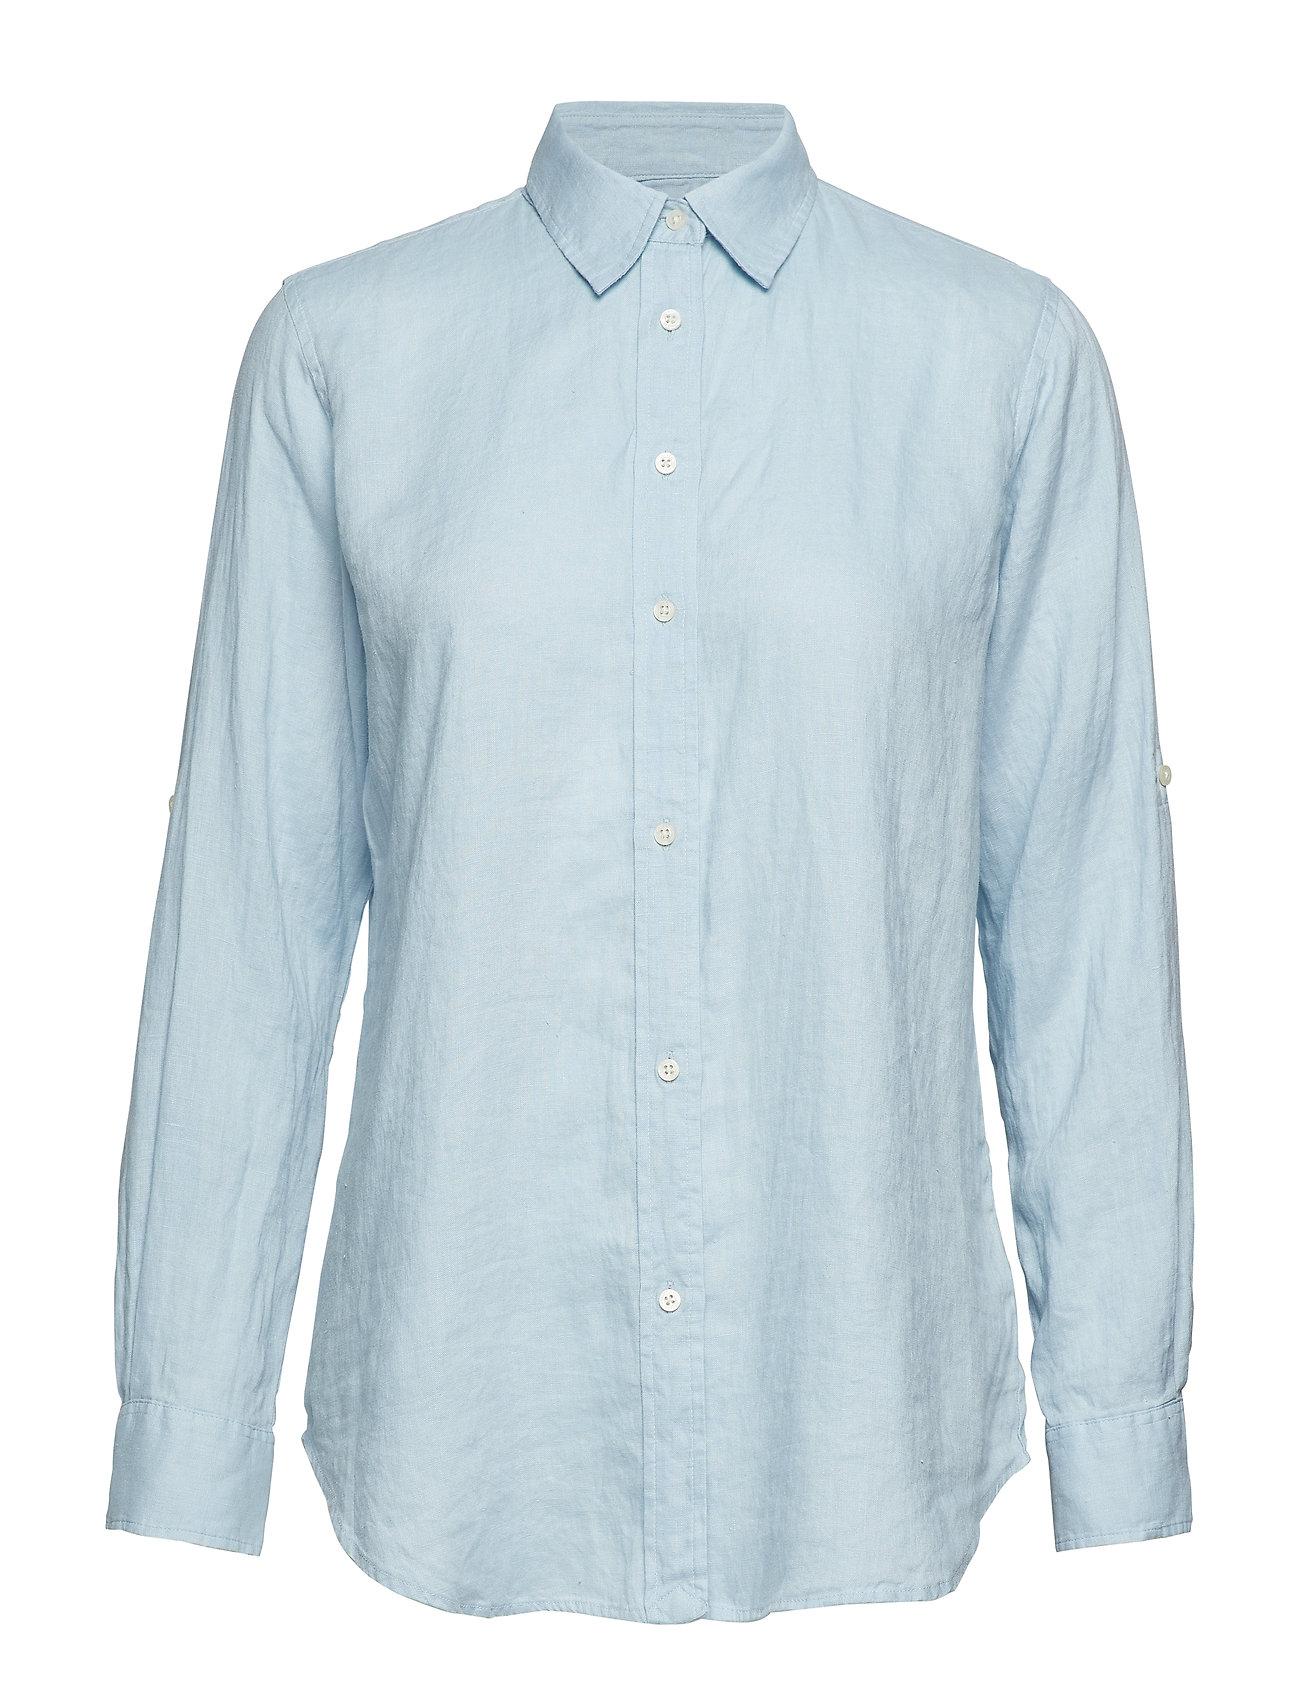 Lauren Ralph Lauren Linen Button-Down Shirt - ENGLISH BLUE